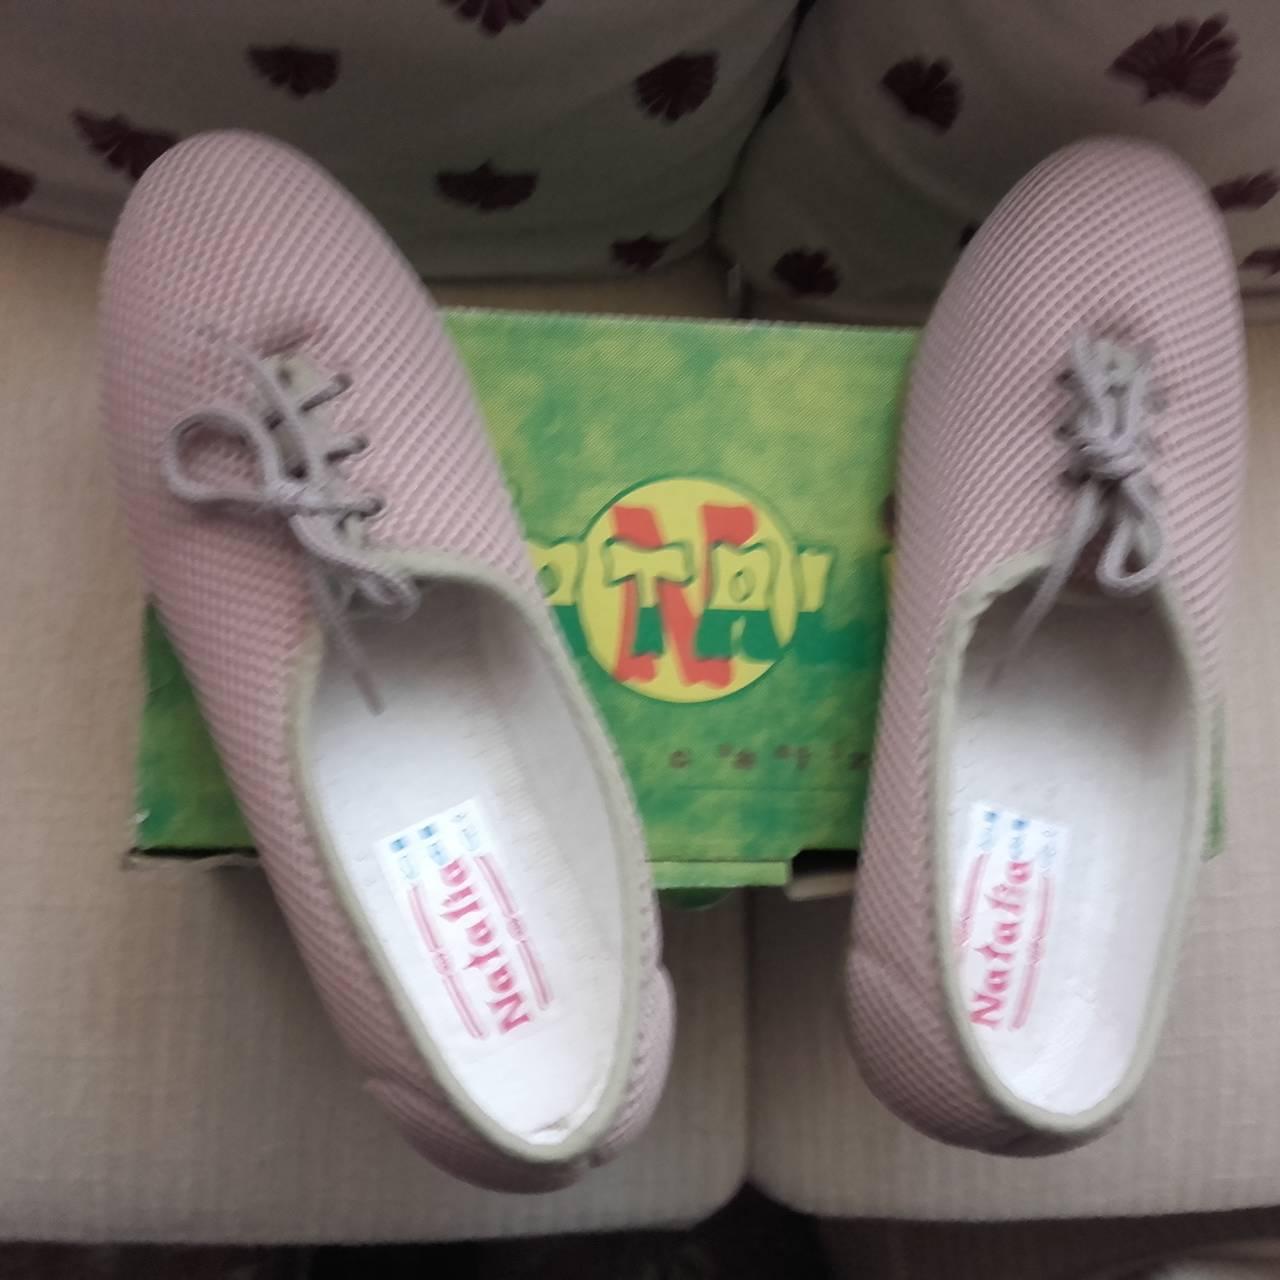 zapatillas señora  - Foto 1